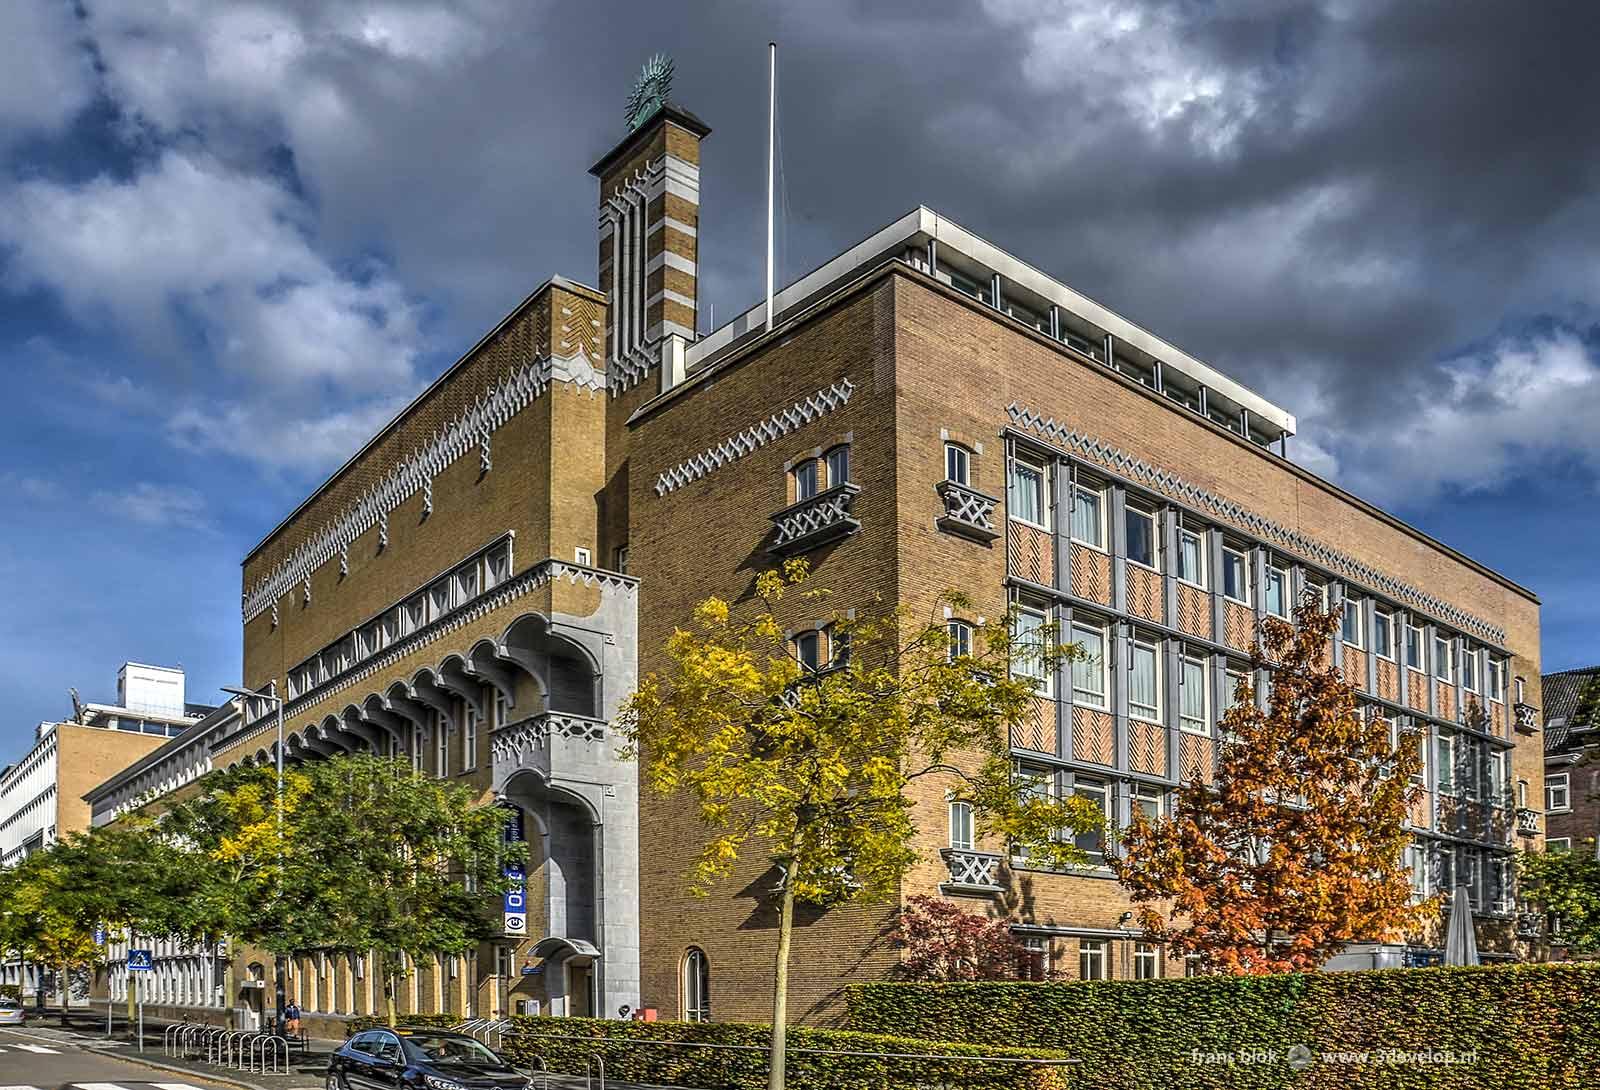 Het Oogziekenhuis aan de Schiedamsevest in Rotterdam, een opmerkelijk gebouw uit de wederopbouwperiode, gefotografeerd op een middag in de herfst